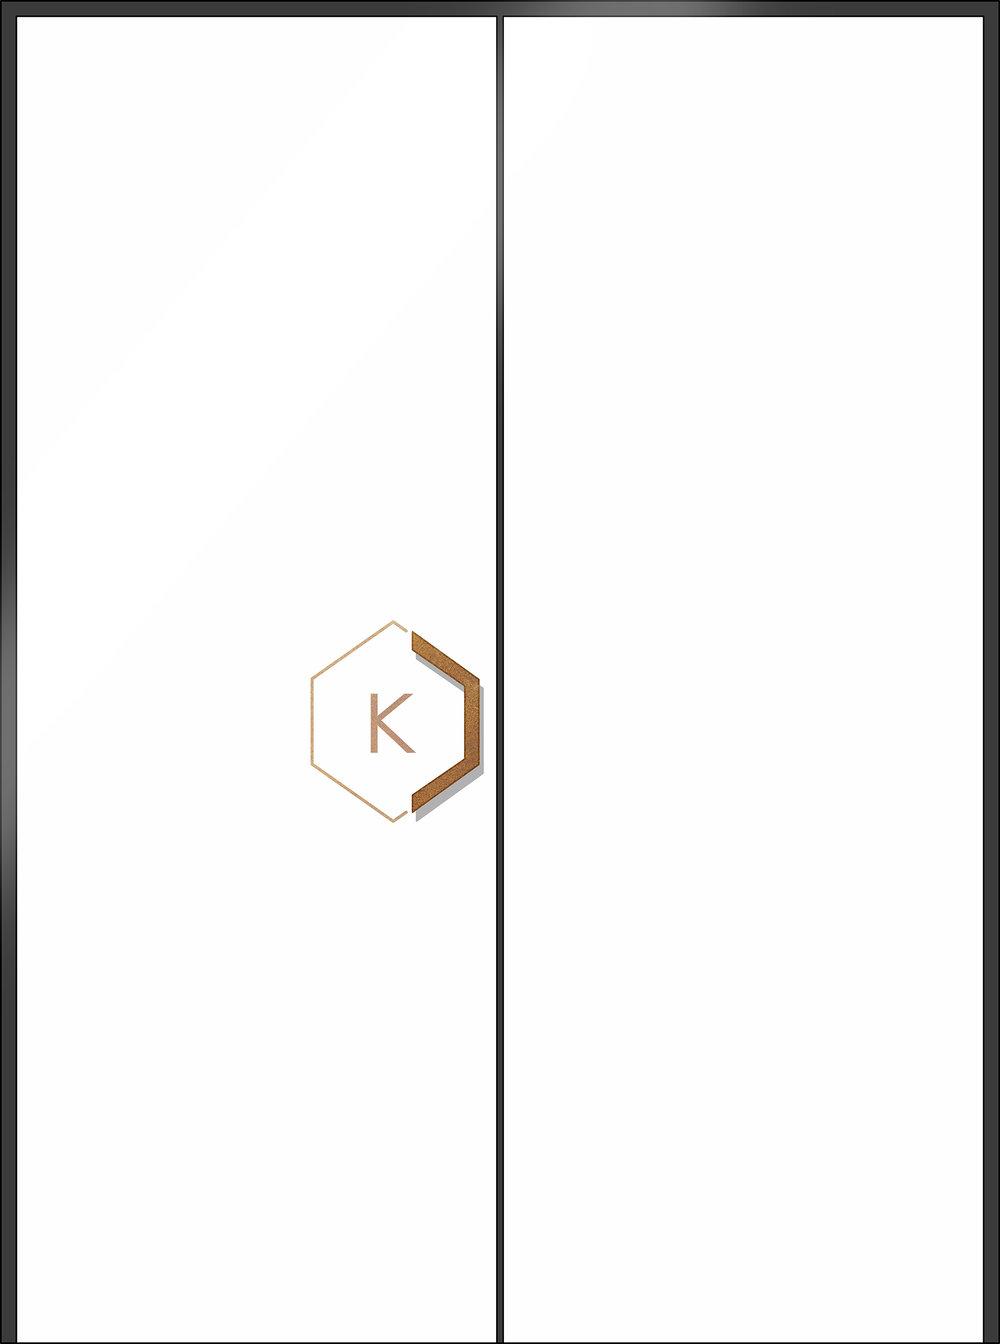 170905_Dør kantine materiale web.jpg